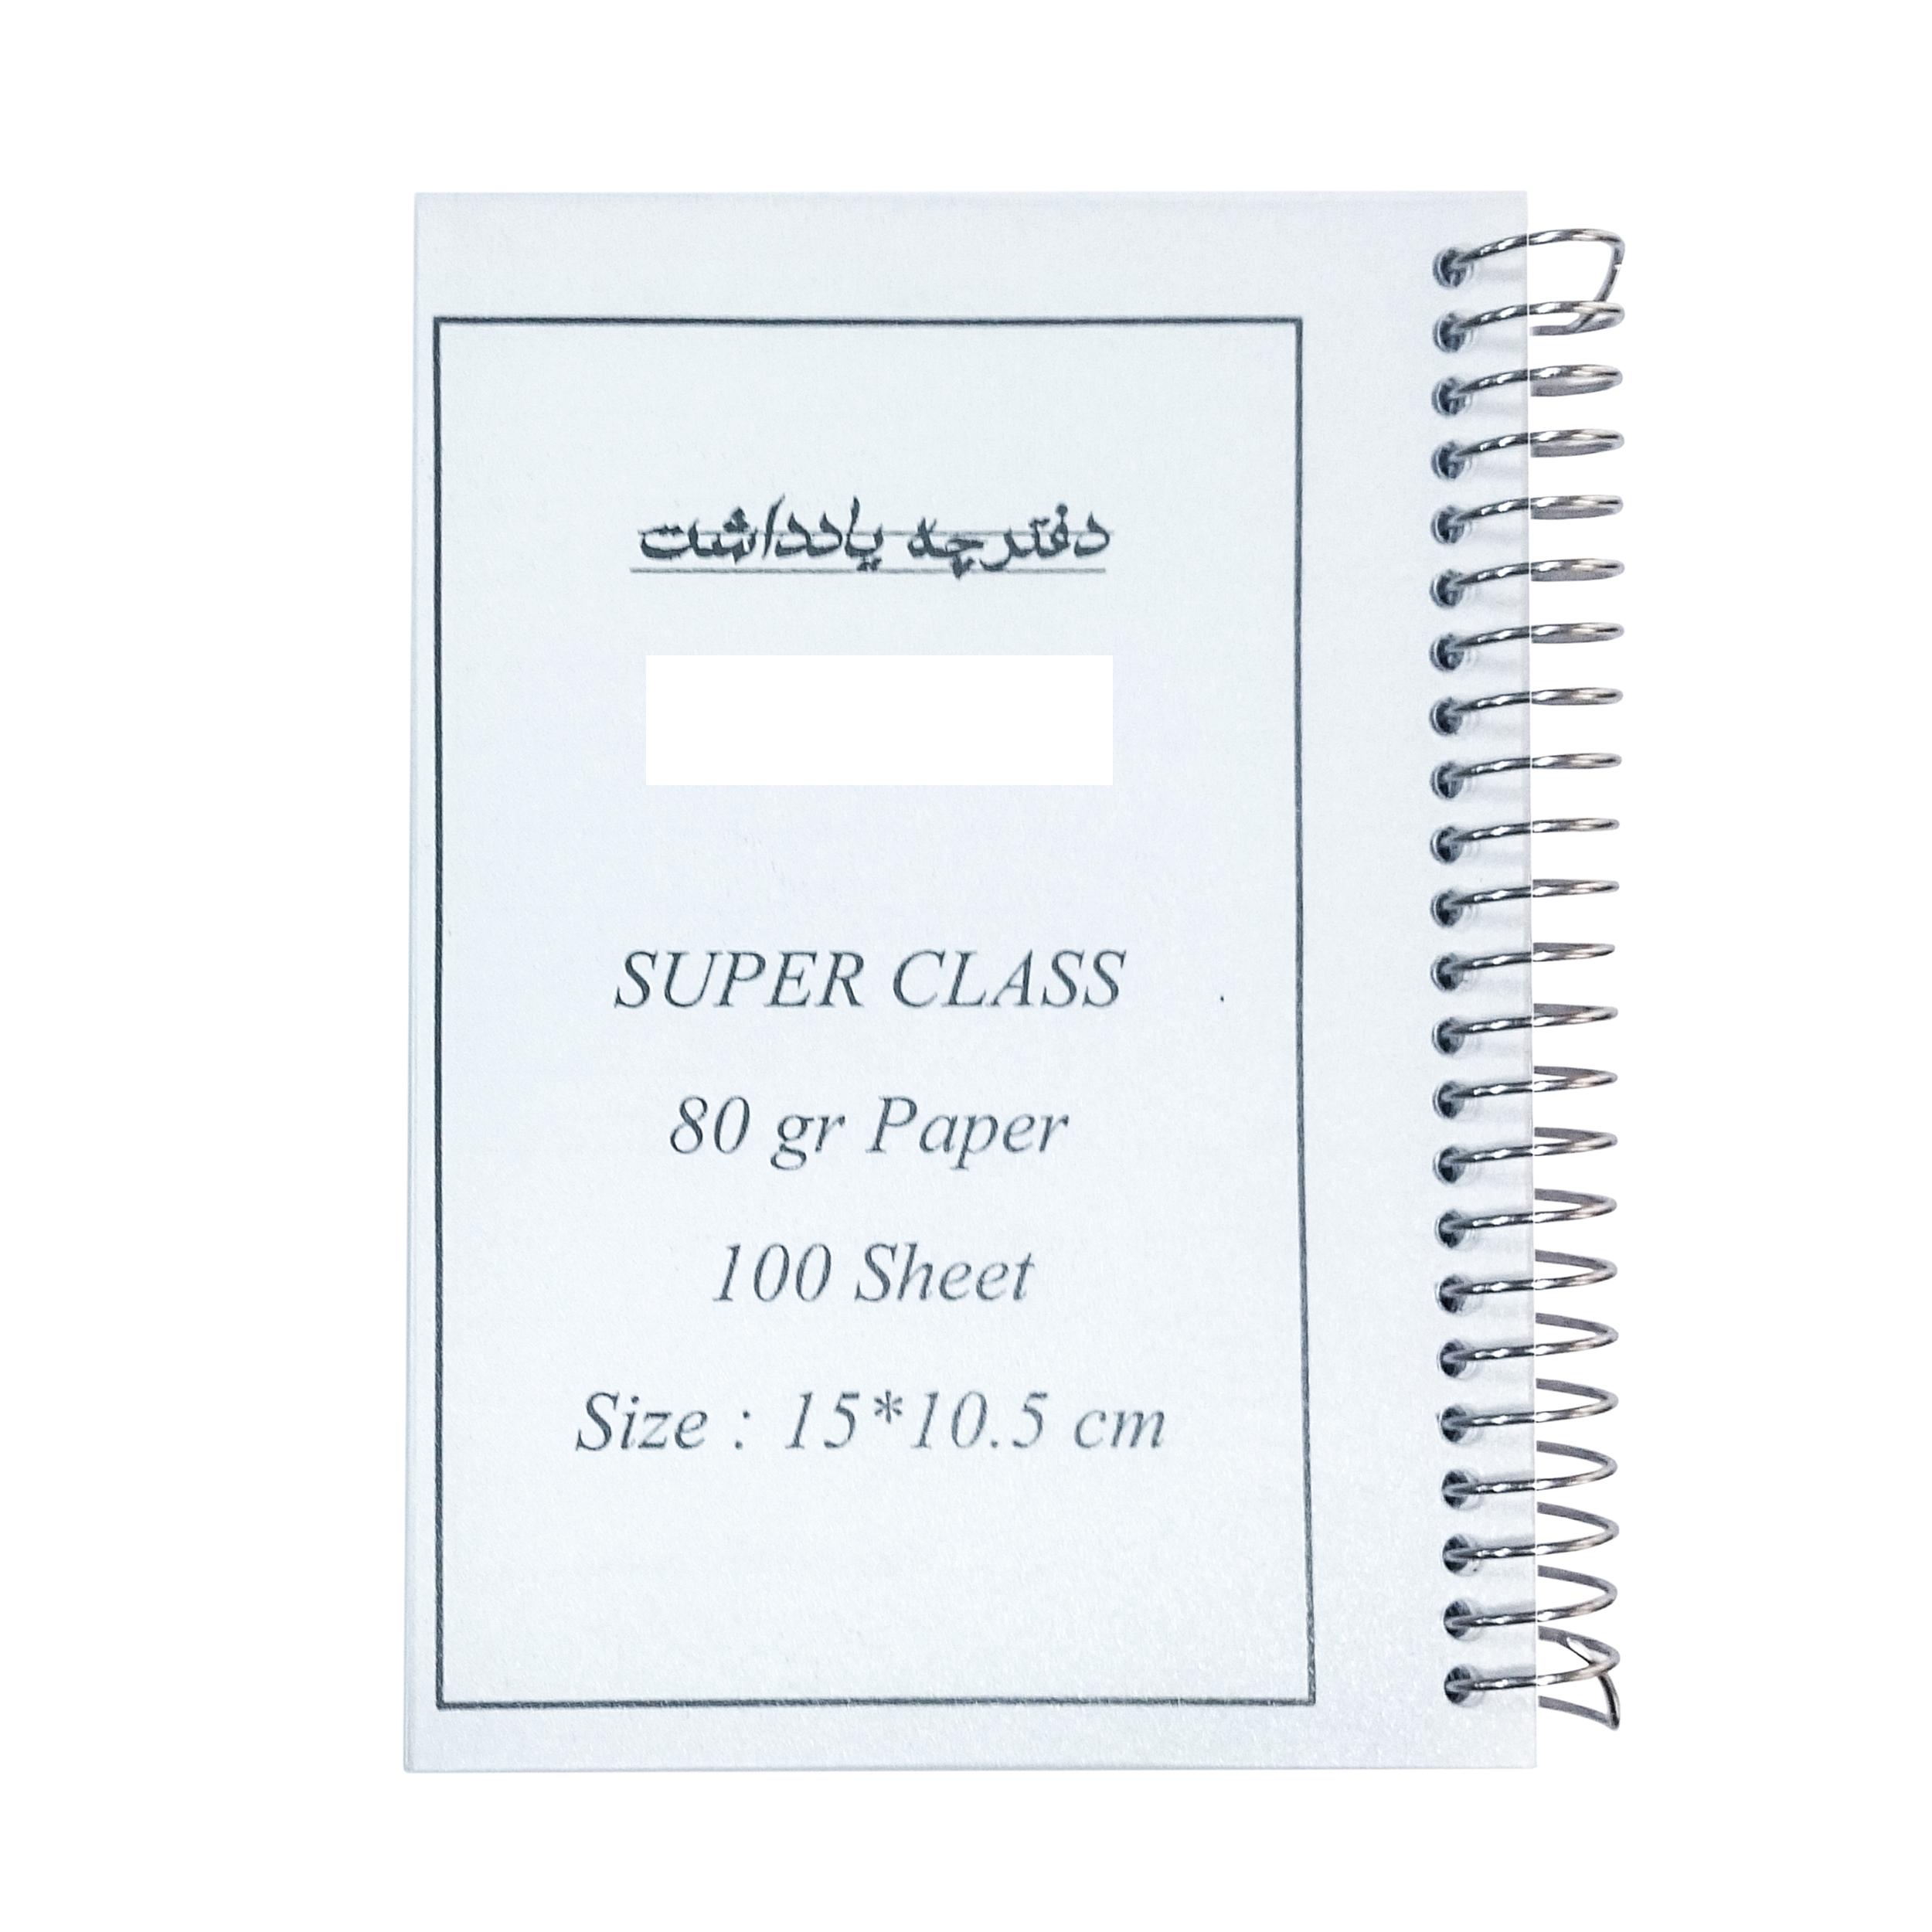 دفتر یادداشت مدل سوپرکلاس کد 100